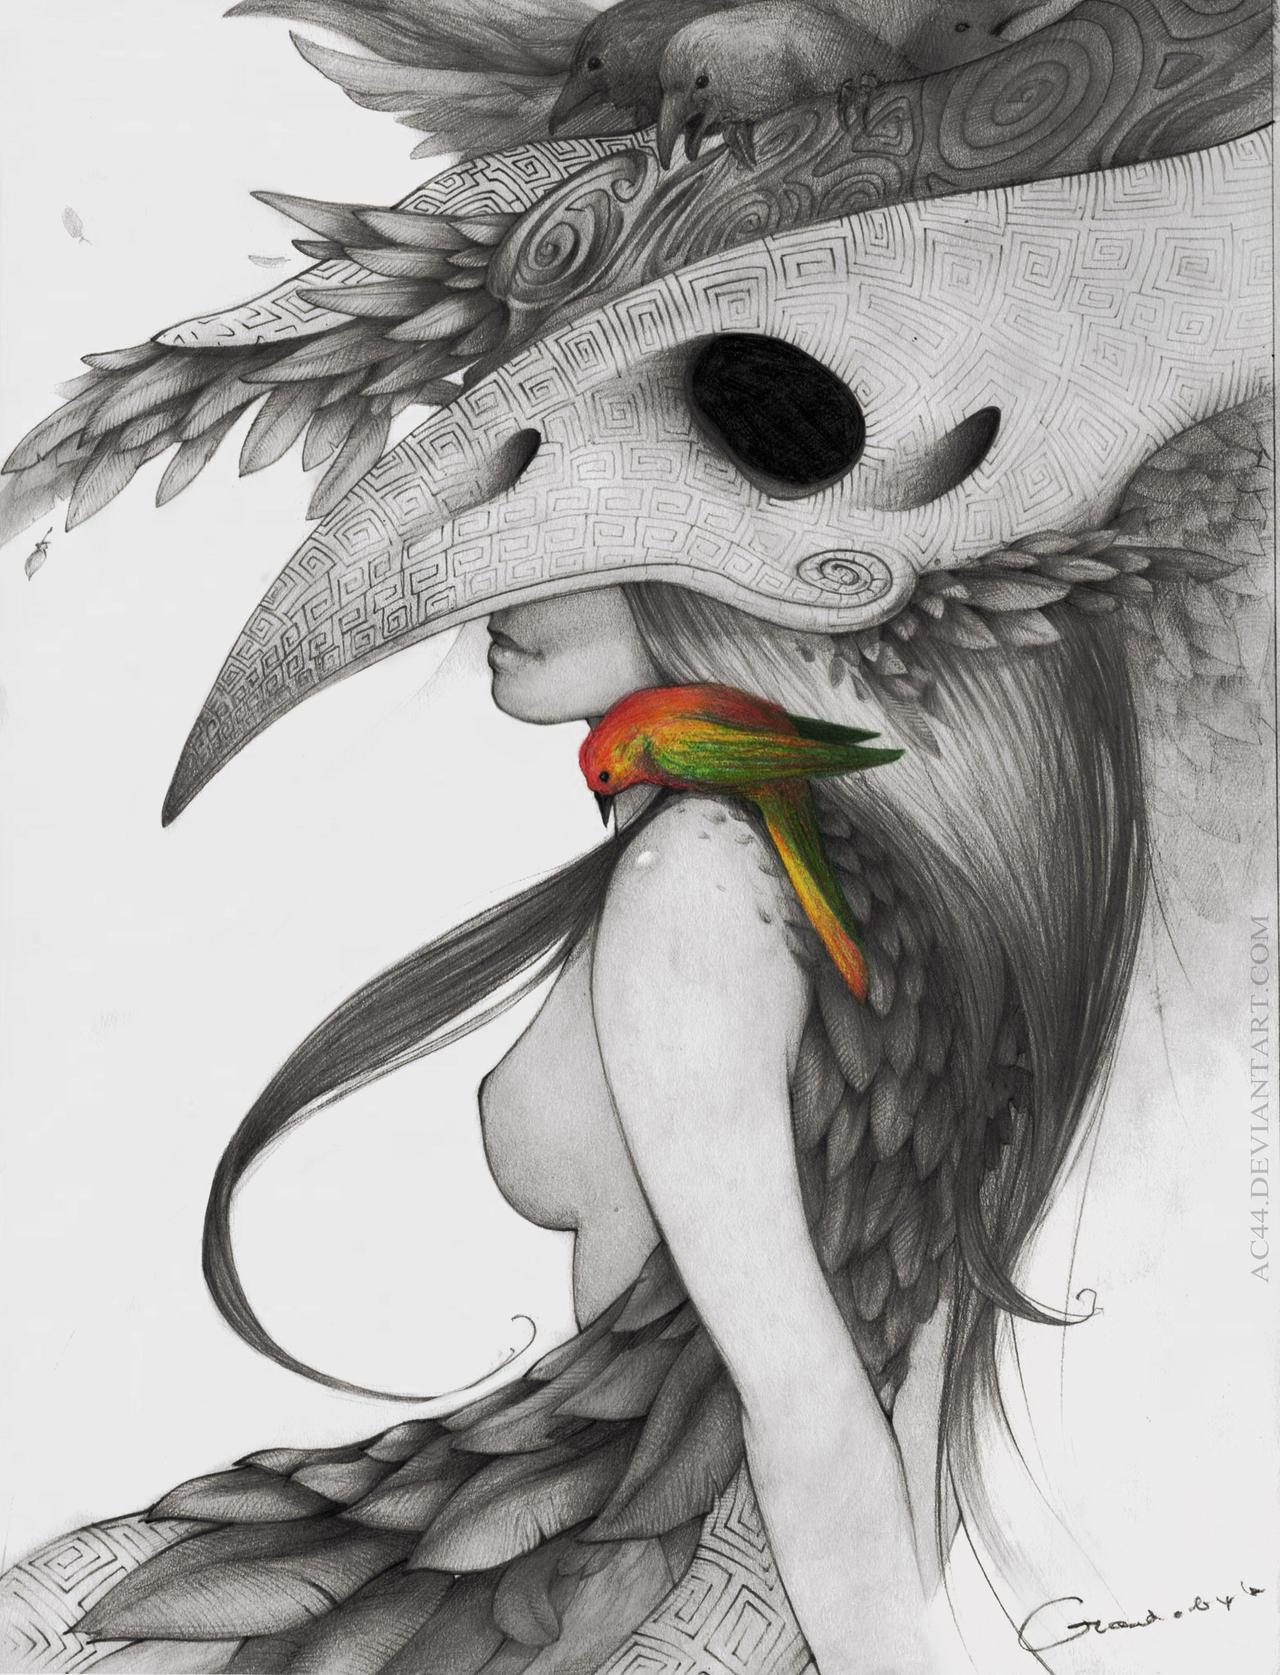 Girl with Bird by VladGradobyk